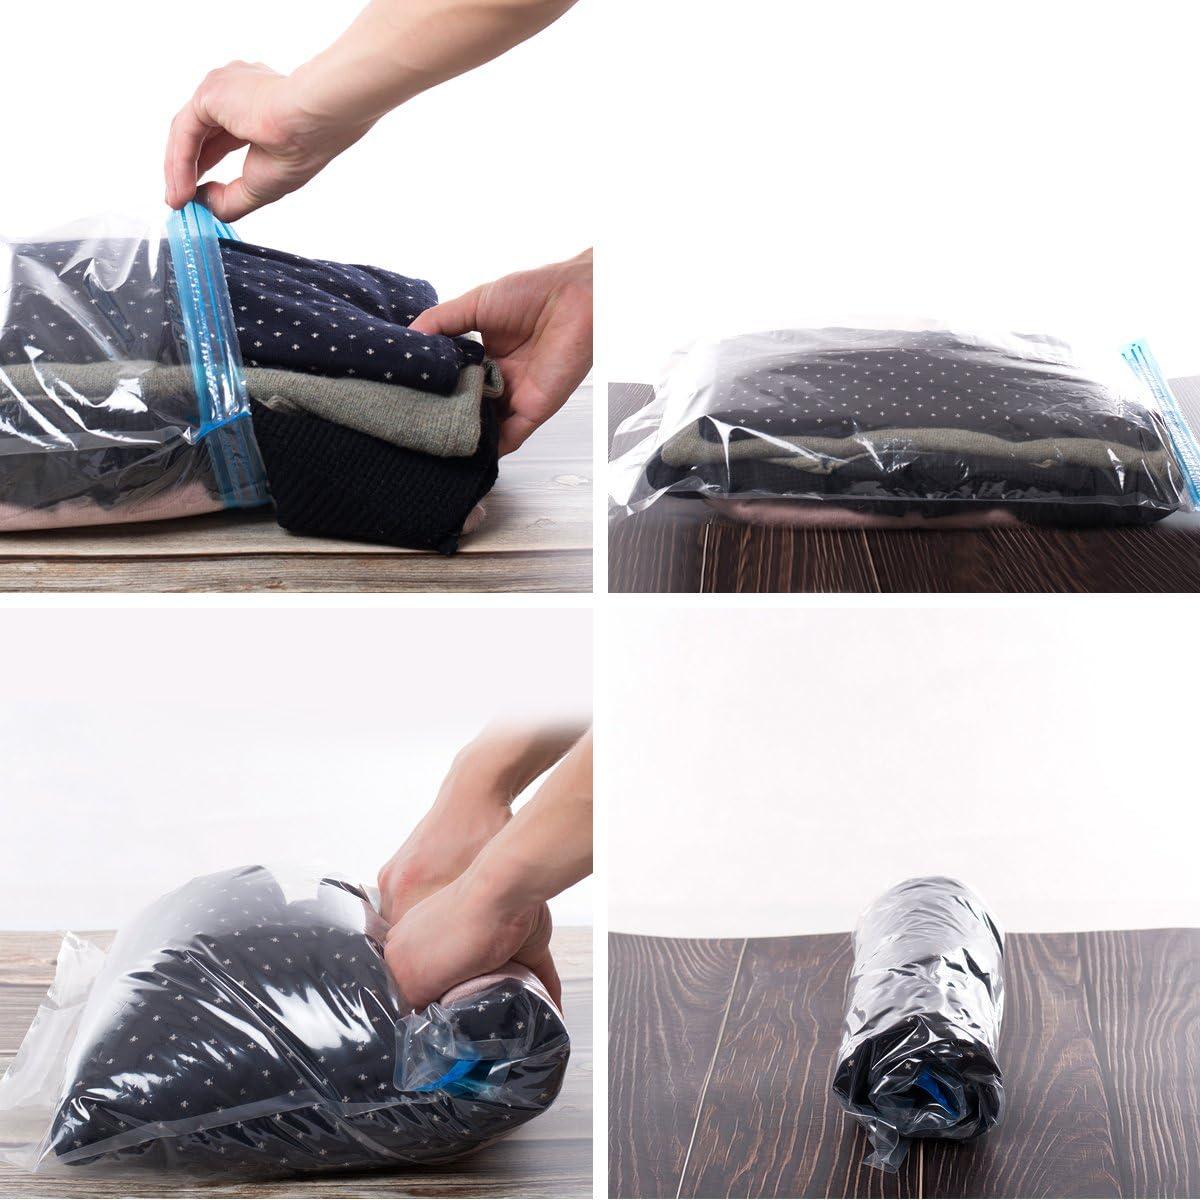 No Necesita una Bomba o Aspiradora Toallas 70x50cm Bolsas Transparentes para Viajes + 3*Medianas 3*Grandes Ropa Mantas 60x40cm Bolsas Vacio Ropa 6 Unidades